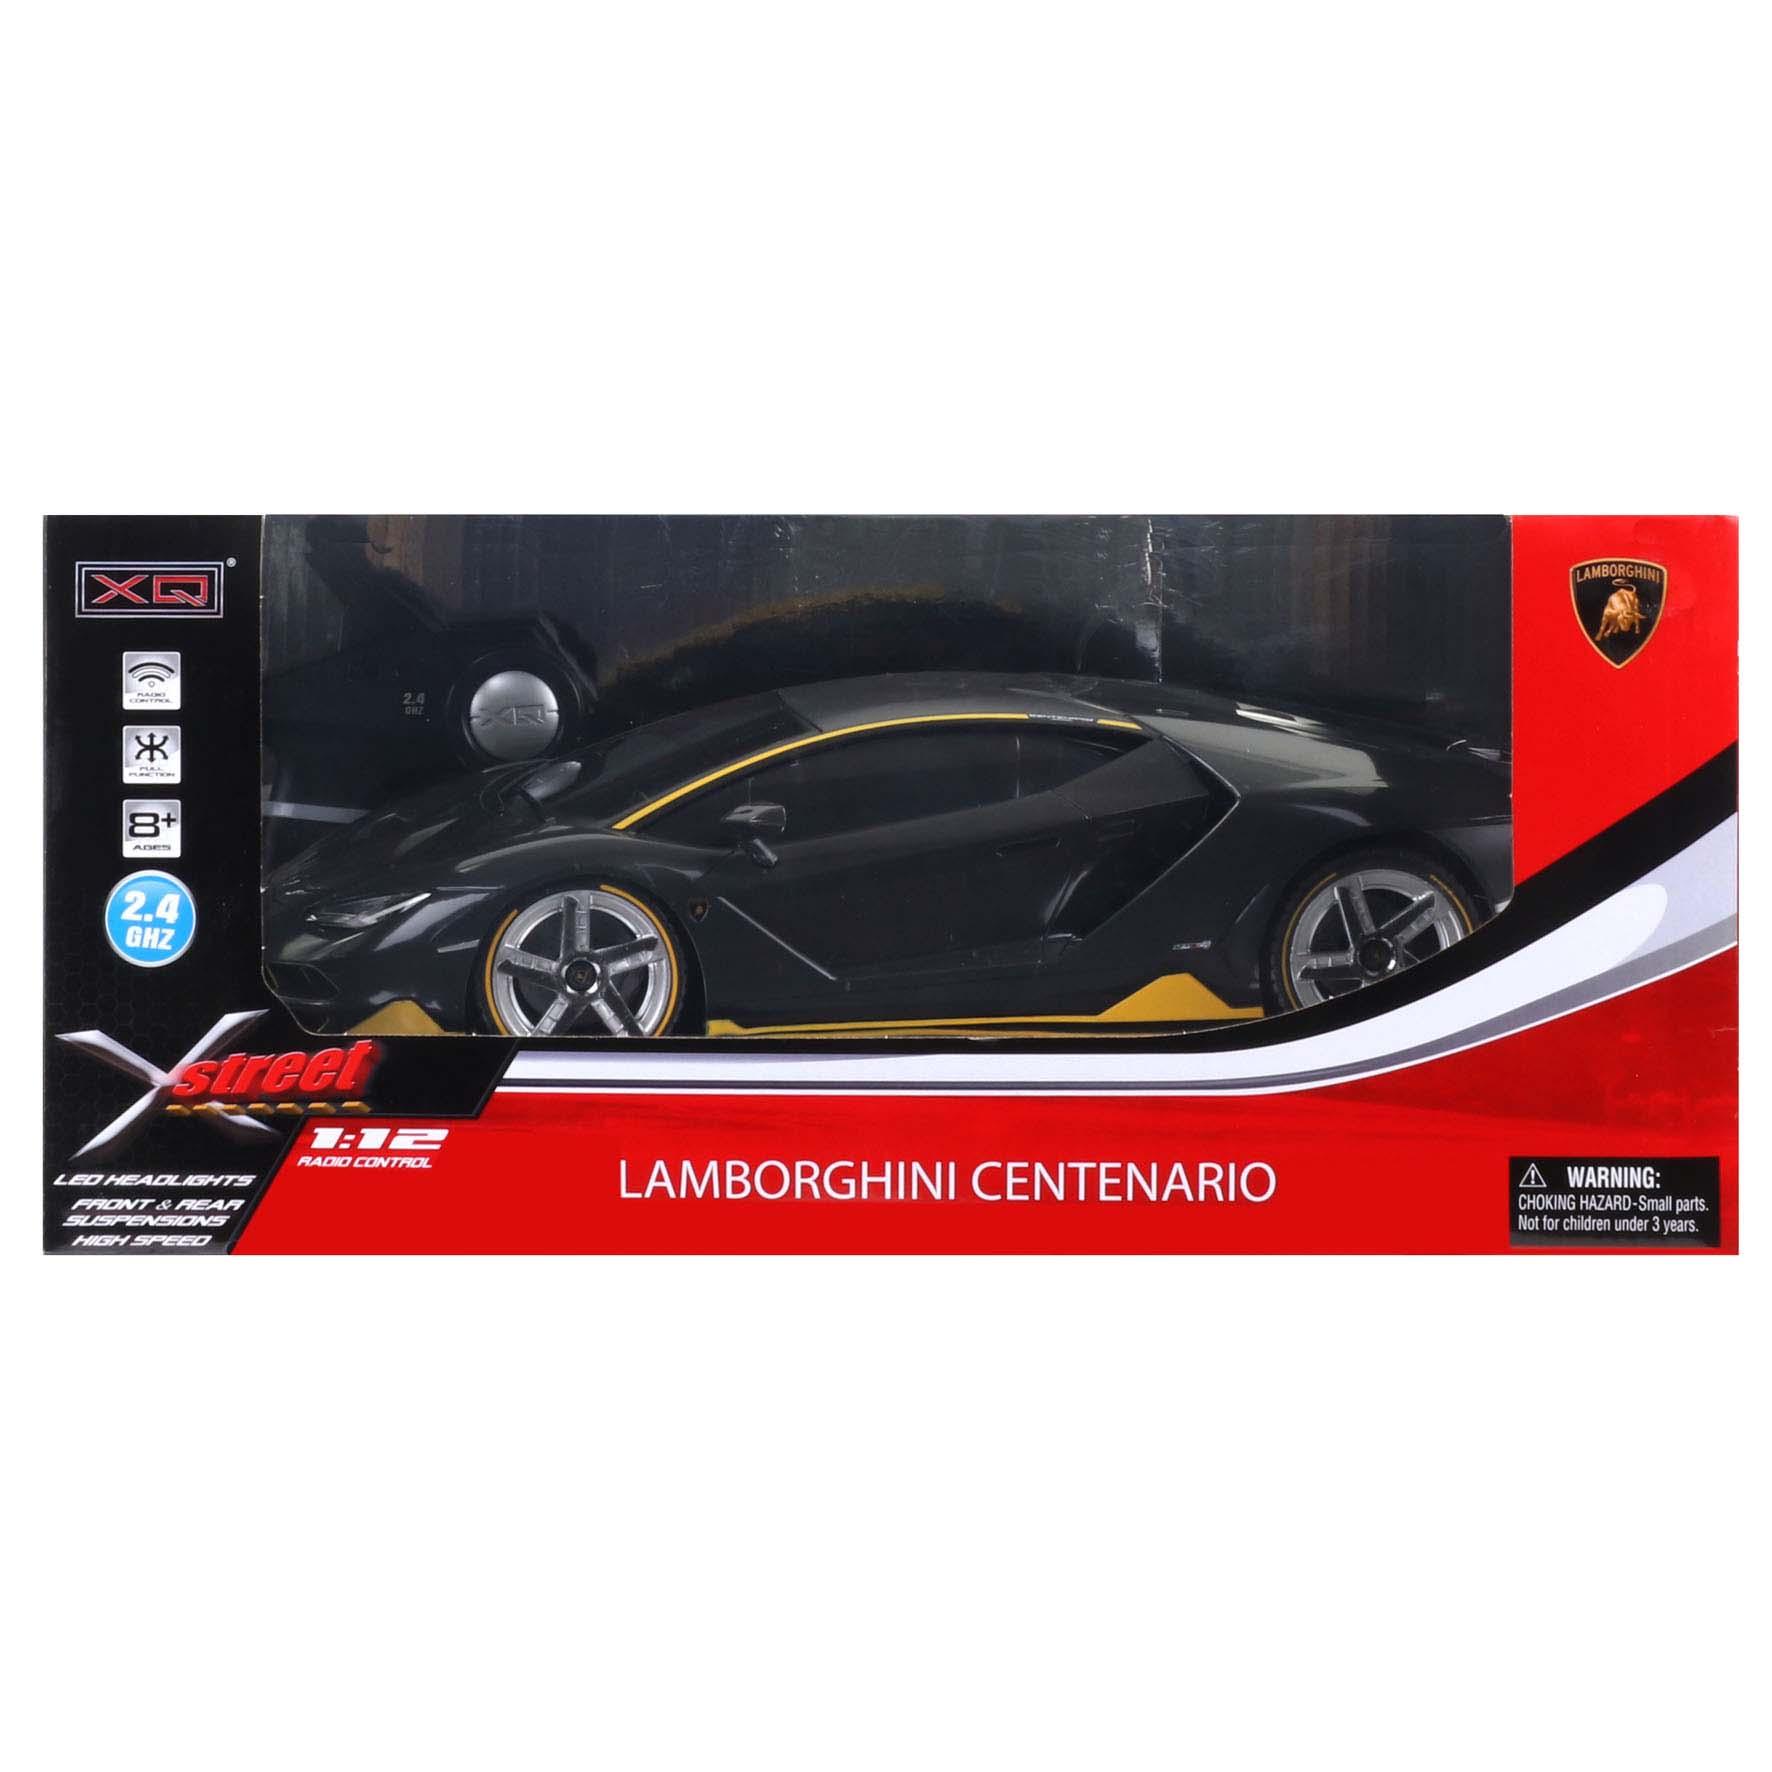 Afbeelding van Lamborghini Centario 1/12 3808